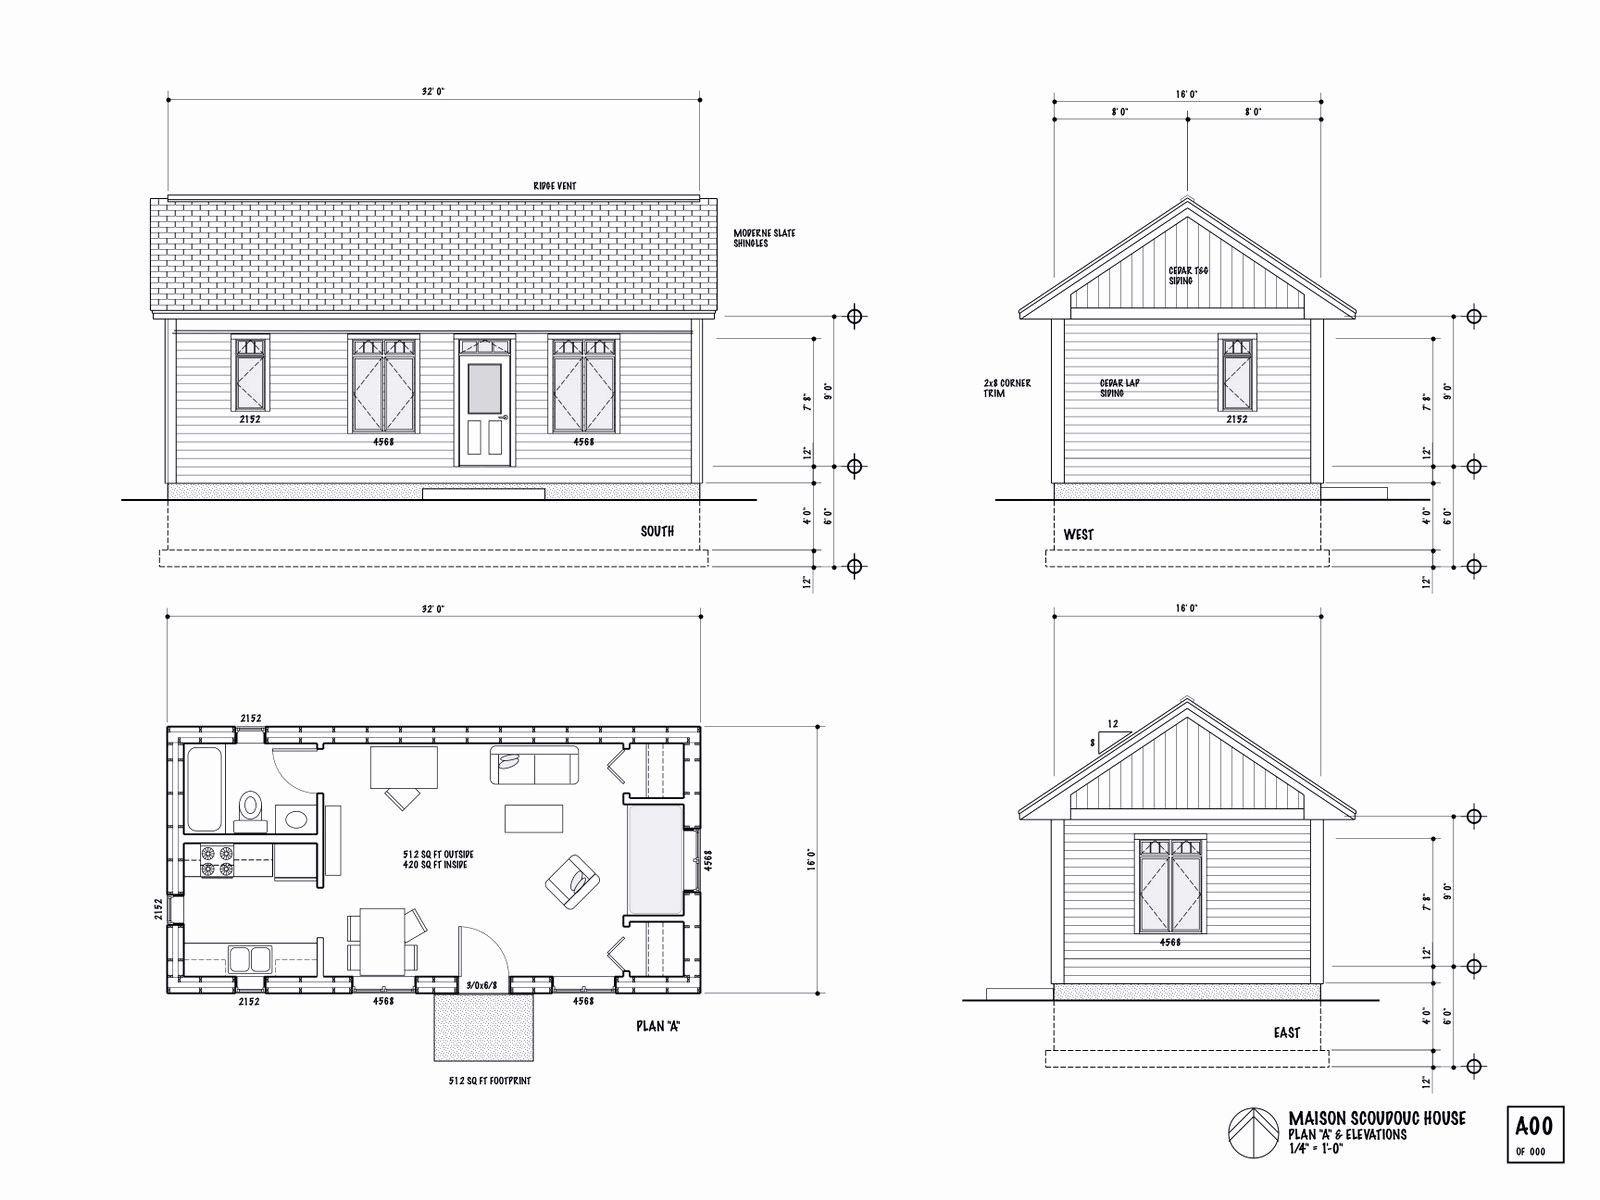 35 Logiciel De Creation De Plan De Maison Plan De La Maison Plan De Maison Gratuit Logiciel Plan Maison Plan Maison